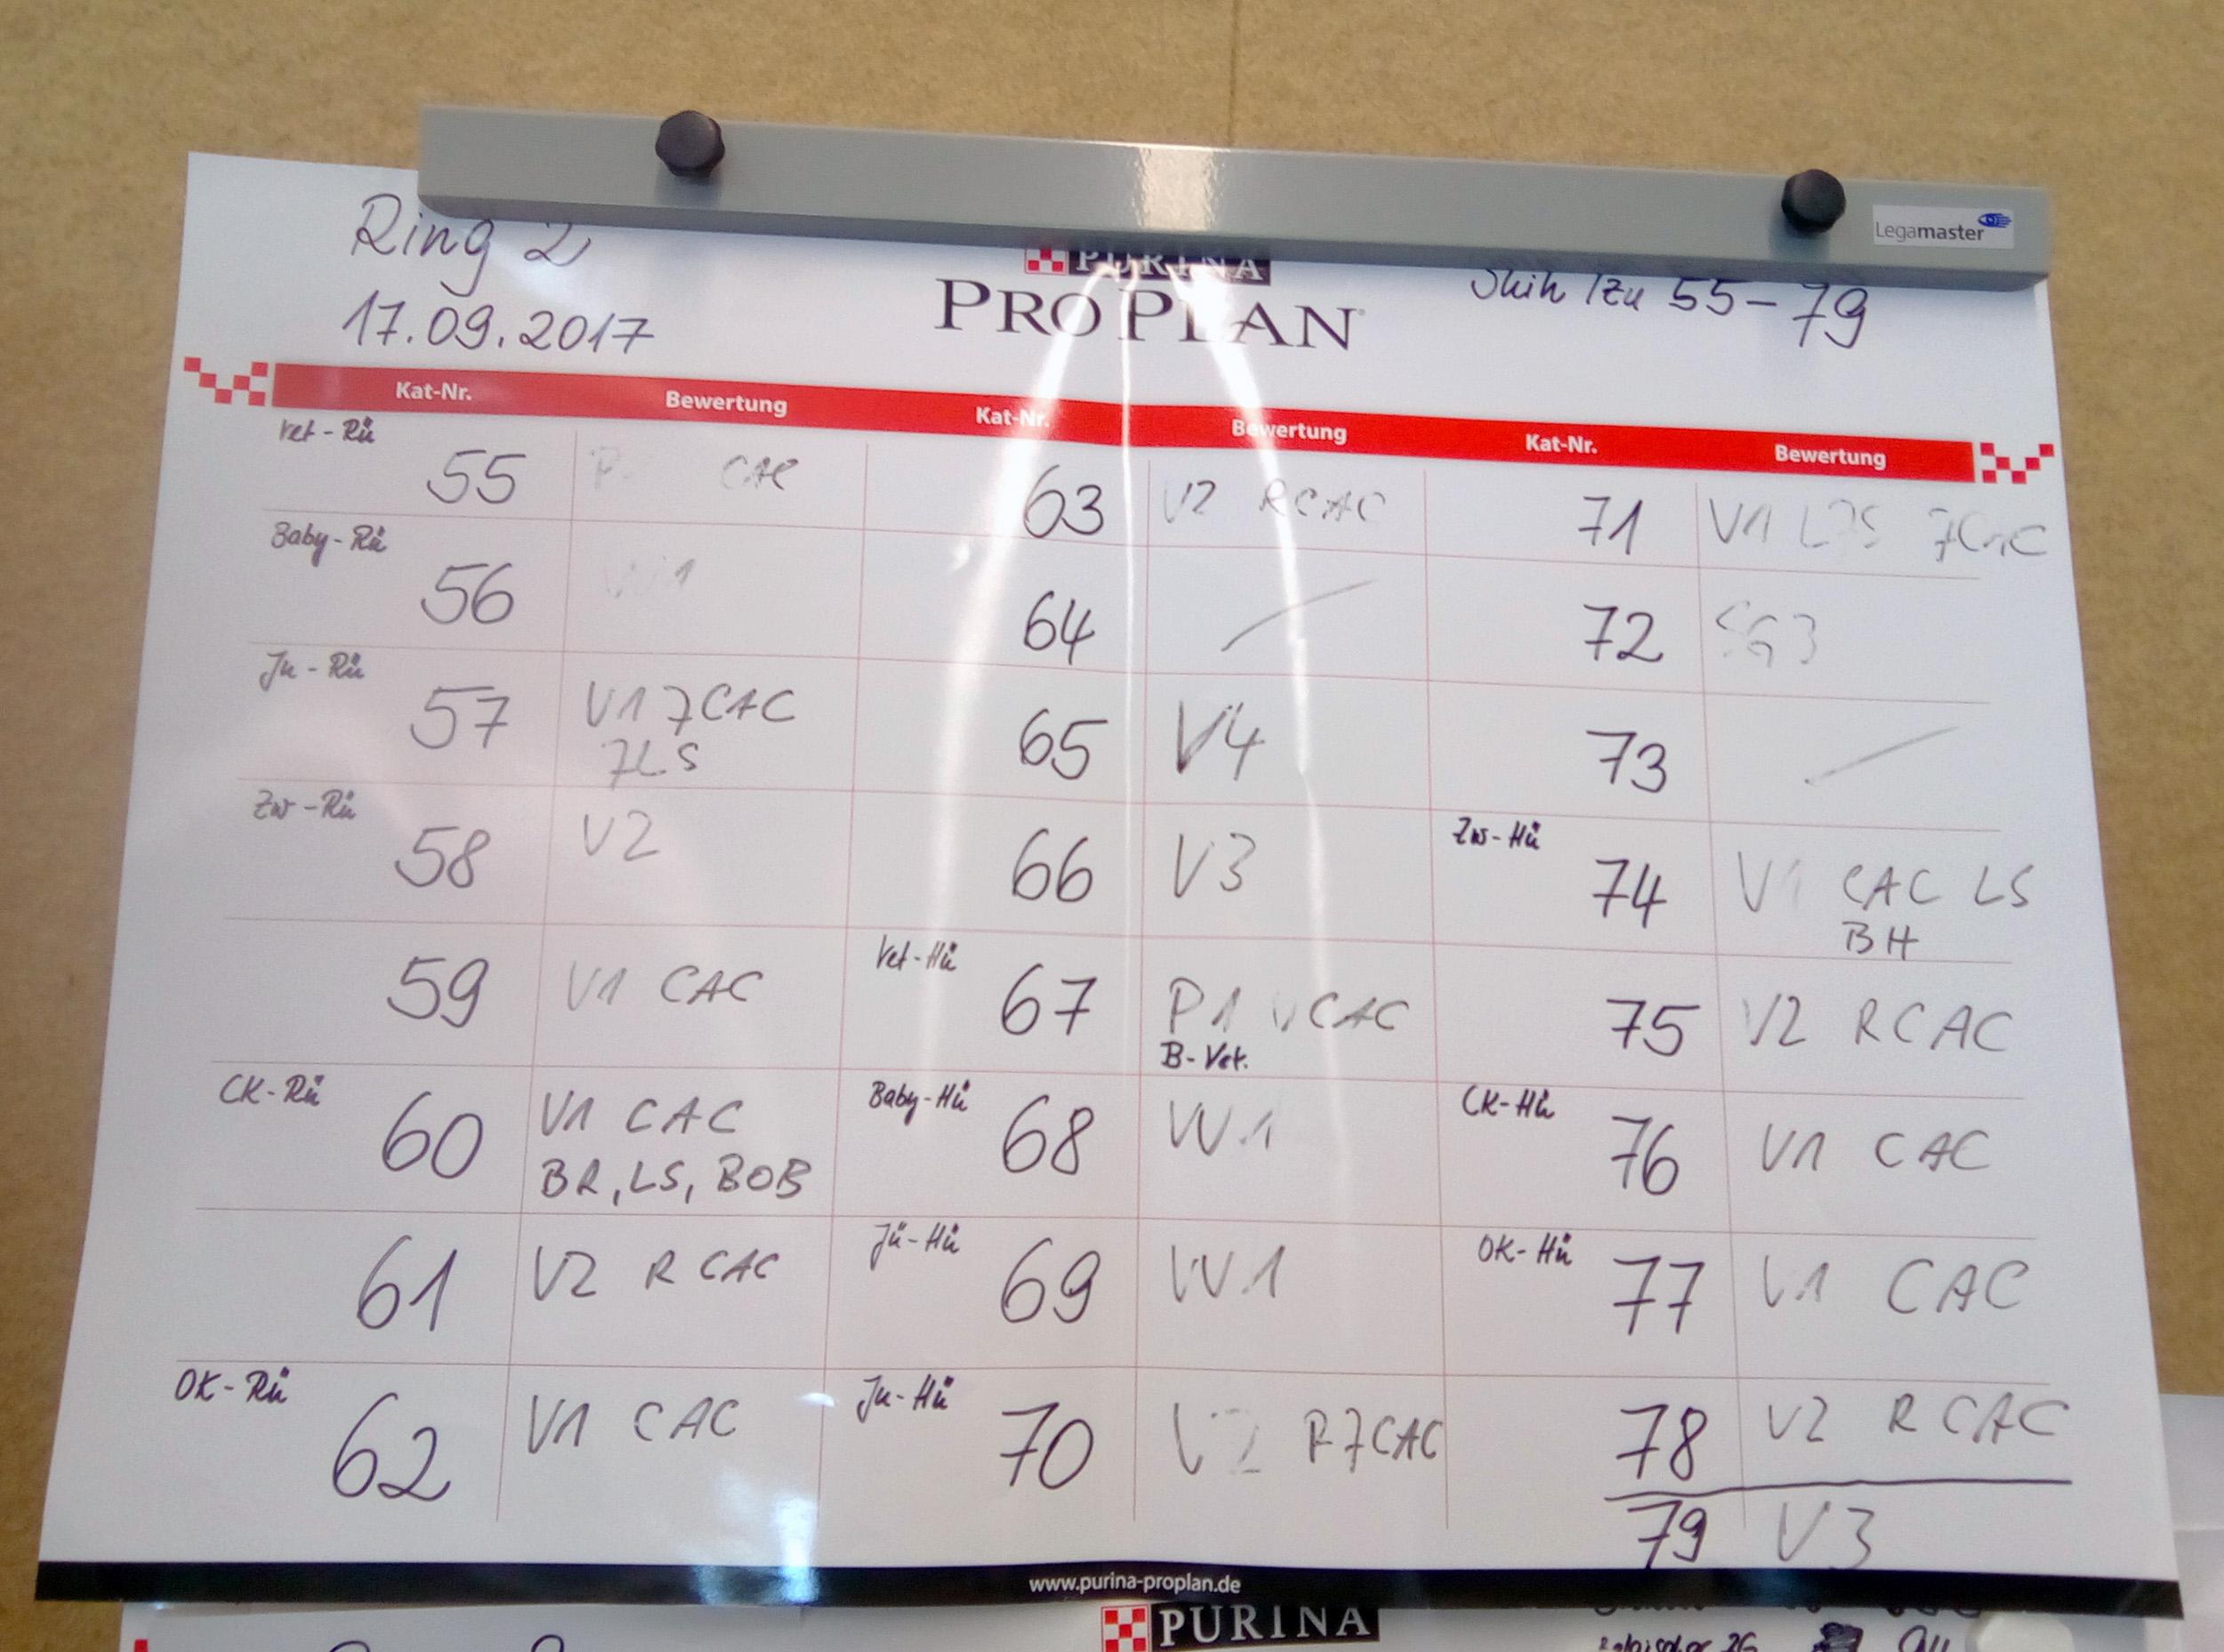 Результаты рингов на клубной выставке в Германии. 17 сентября 2017 г.